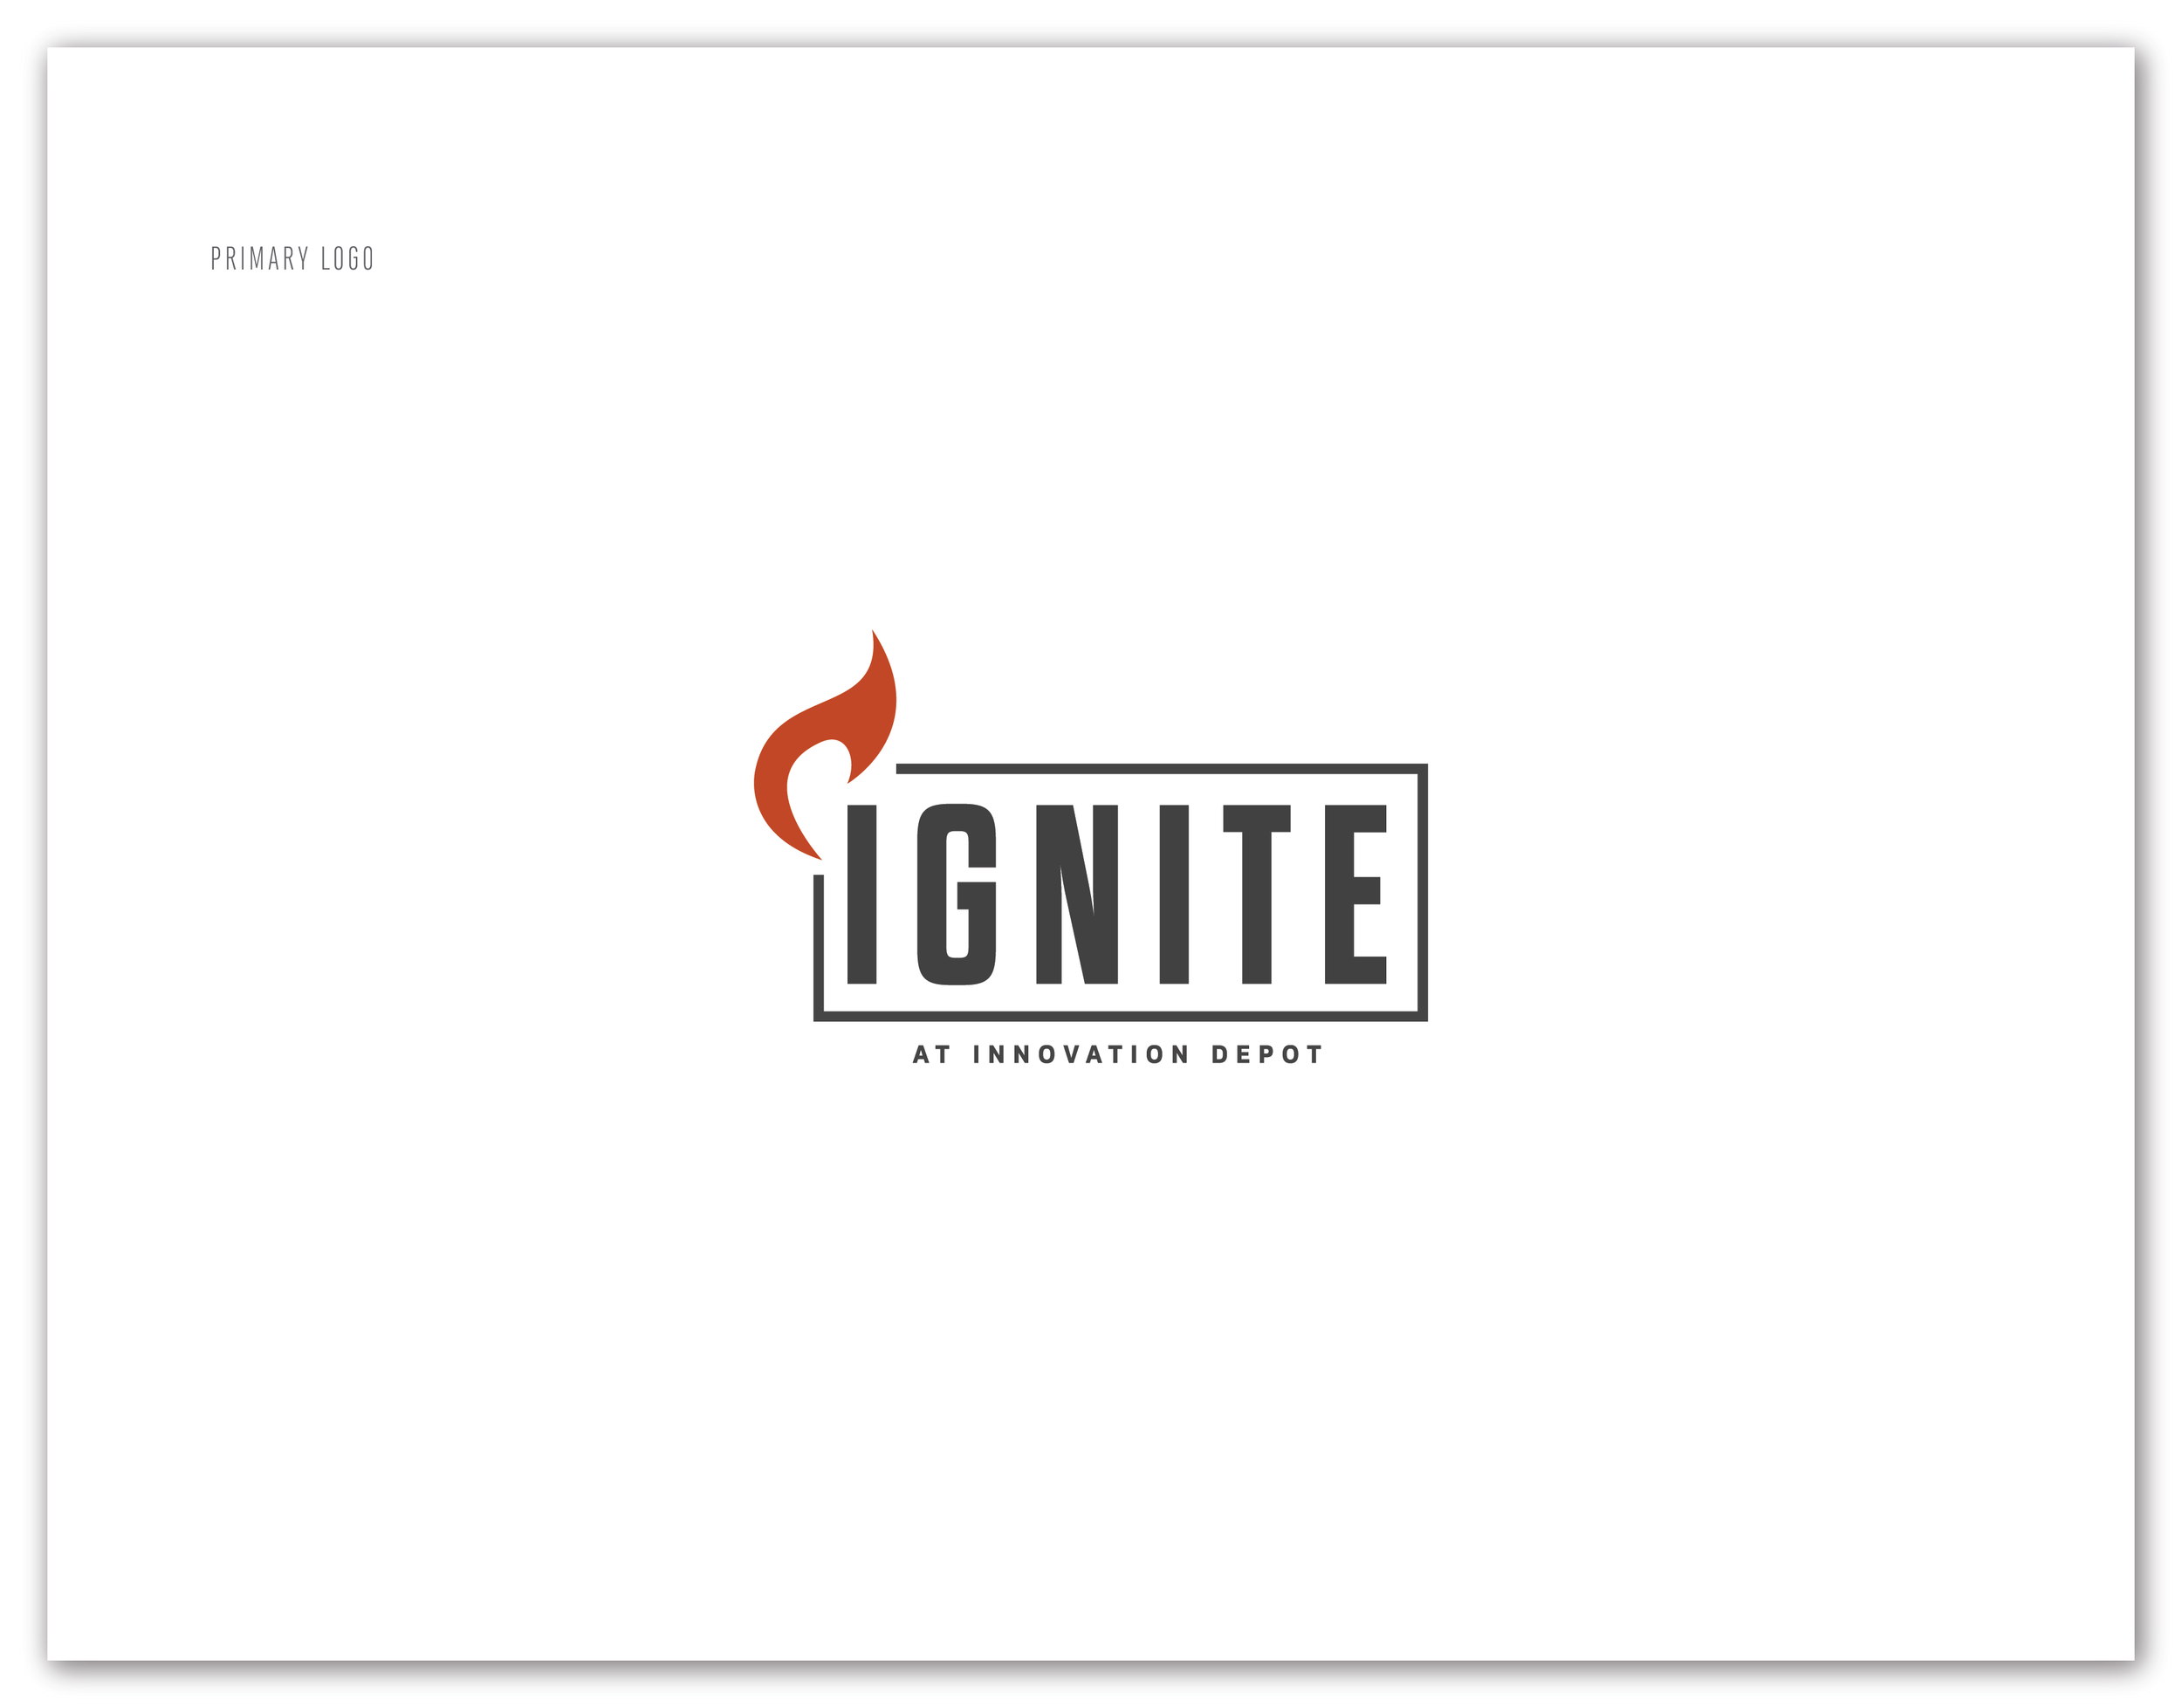 IgniteIdentityPackagePort_2.png